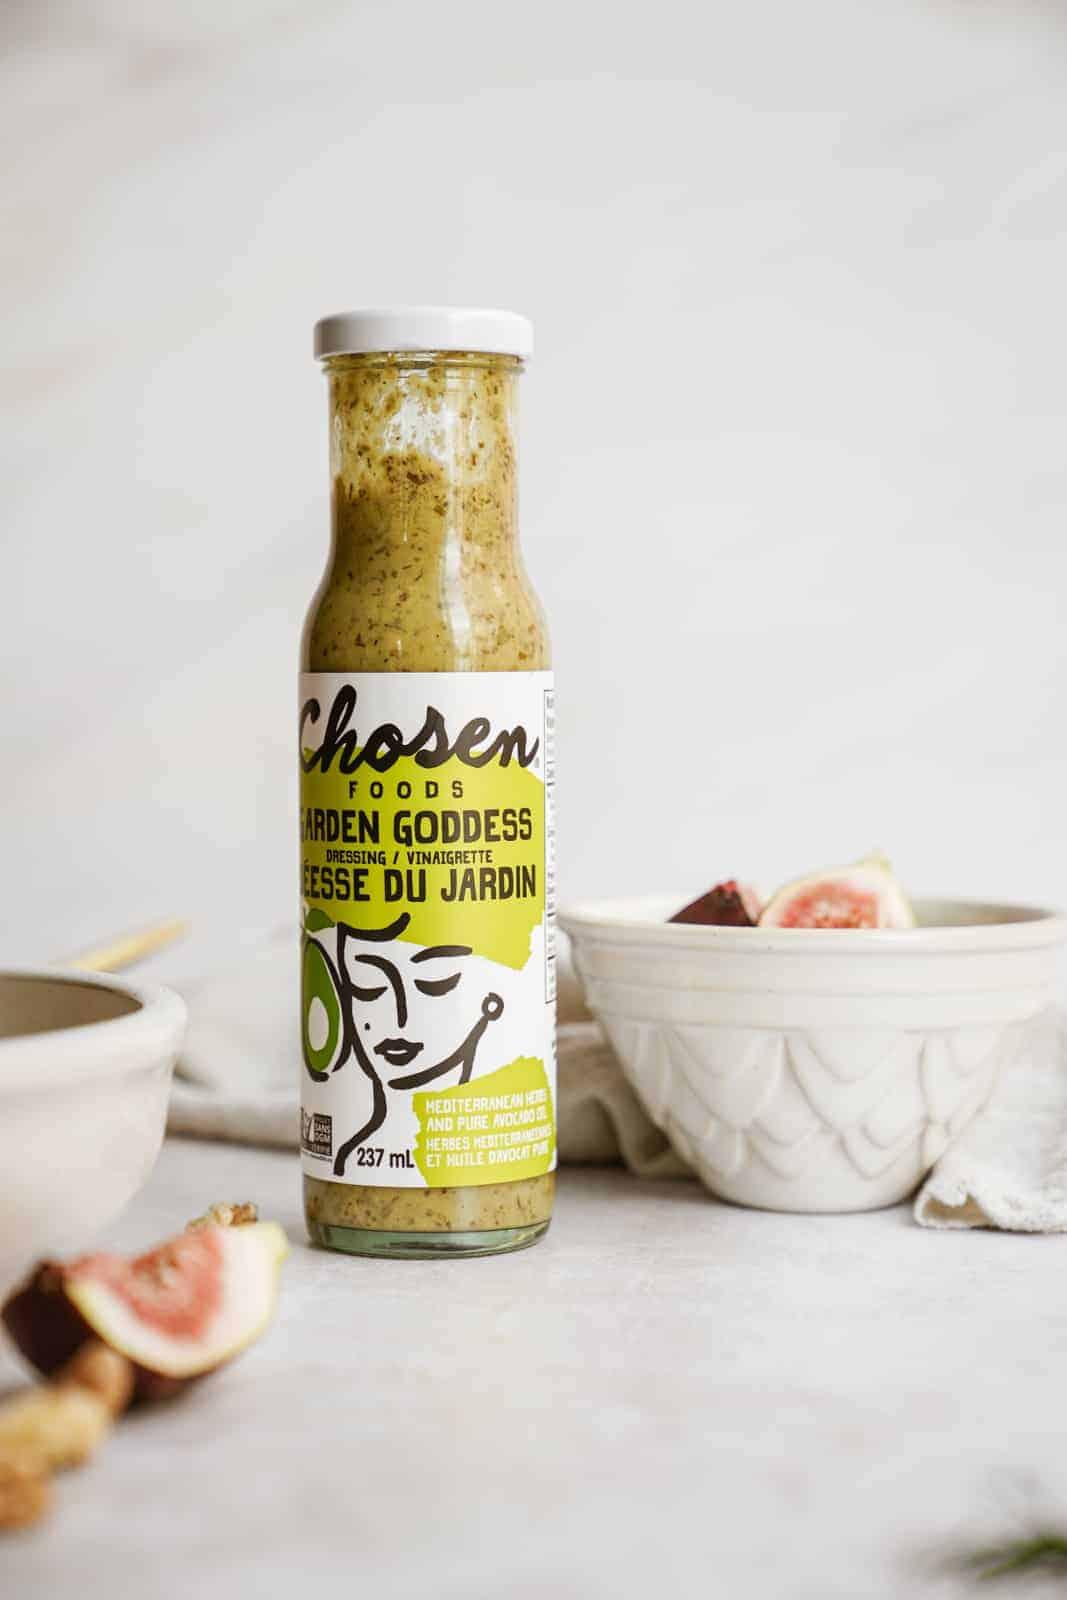 Chosen Foods Garden Goddess Dressing on countertop.